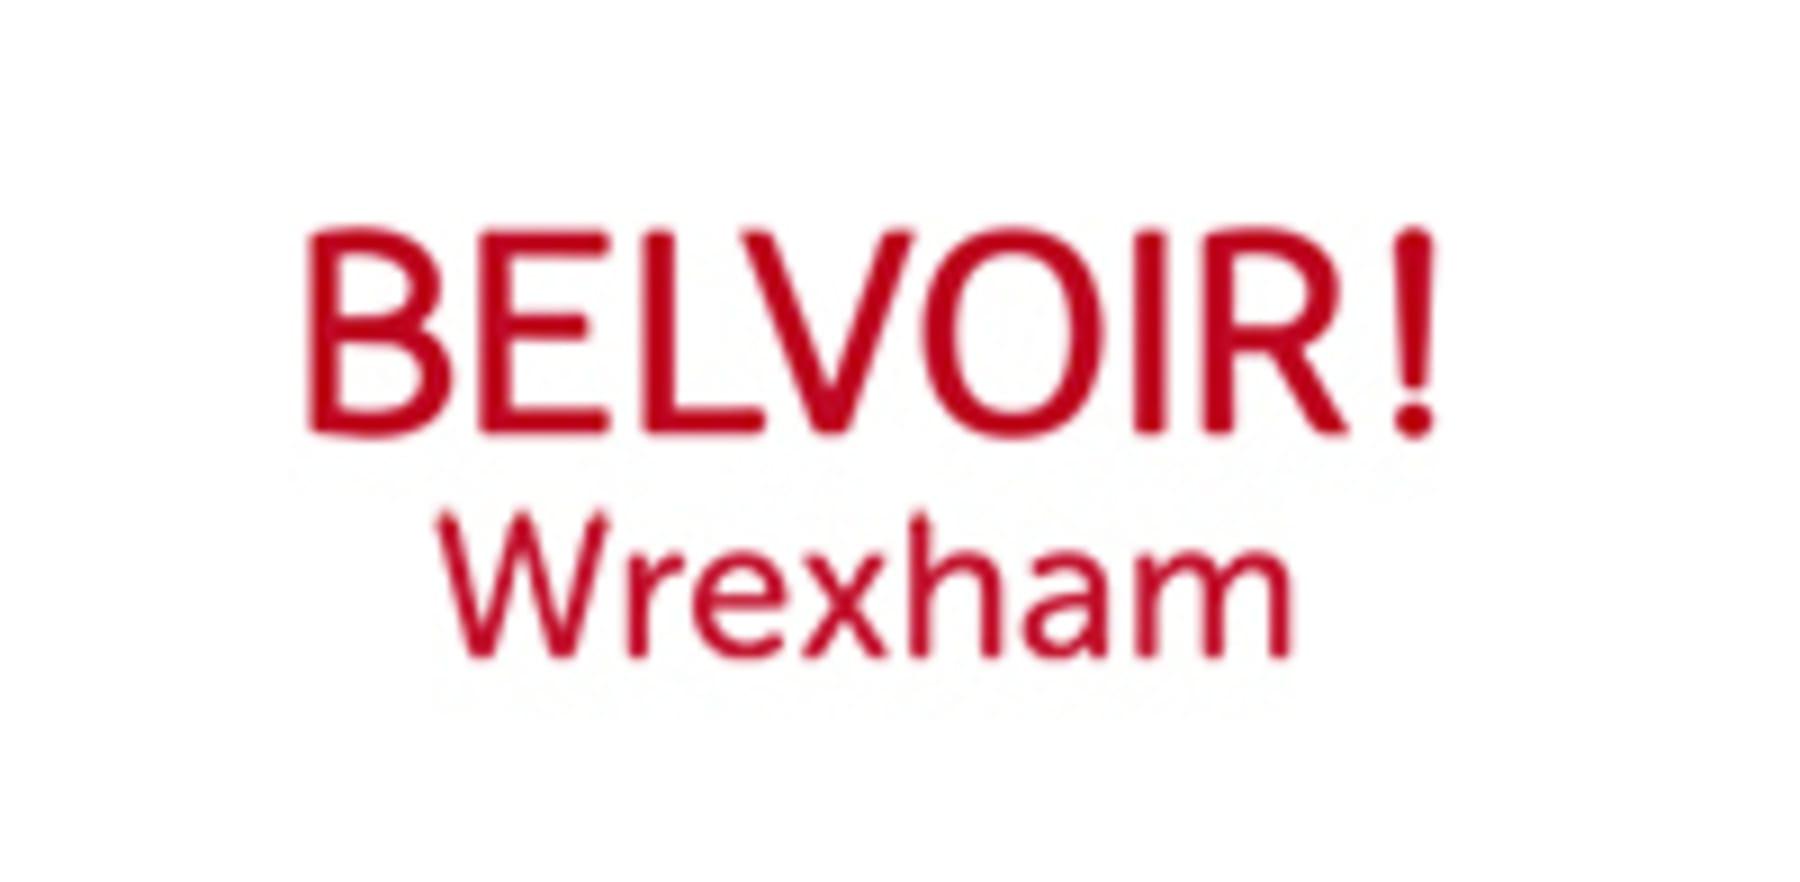 Belvoir Wrexham